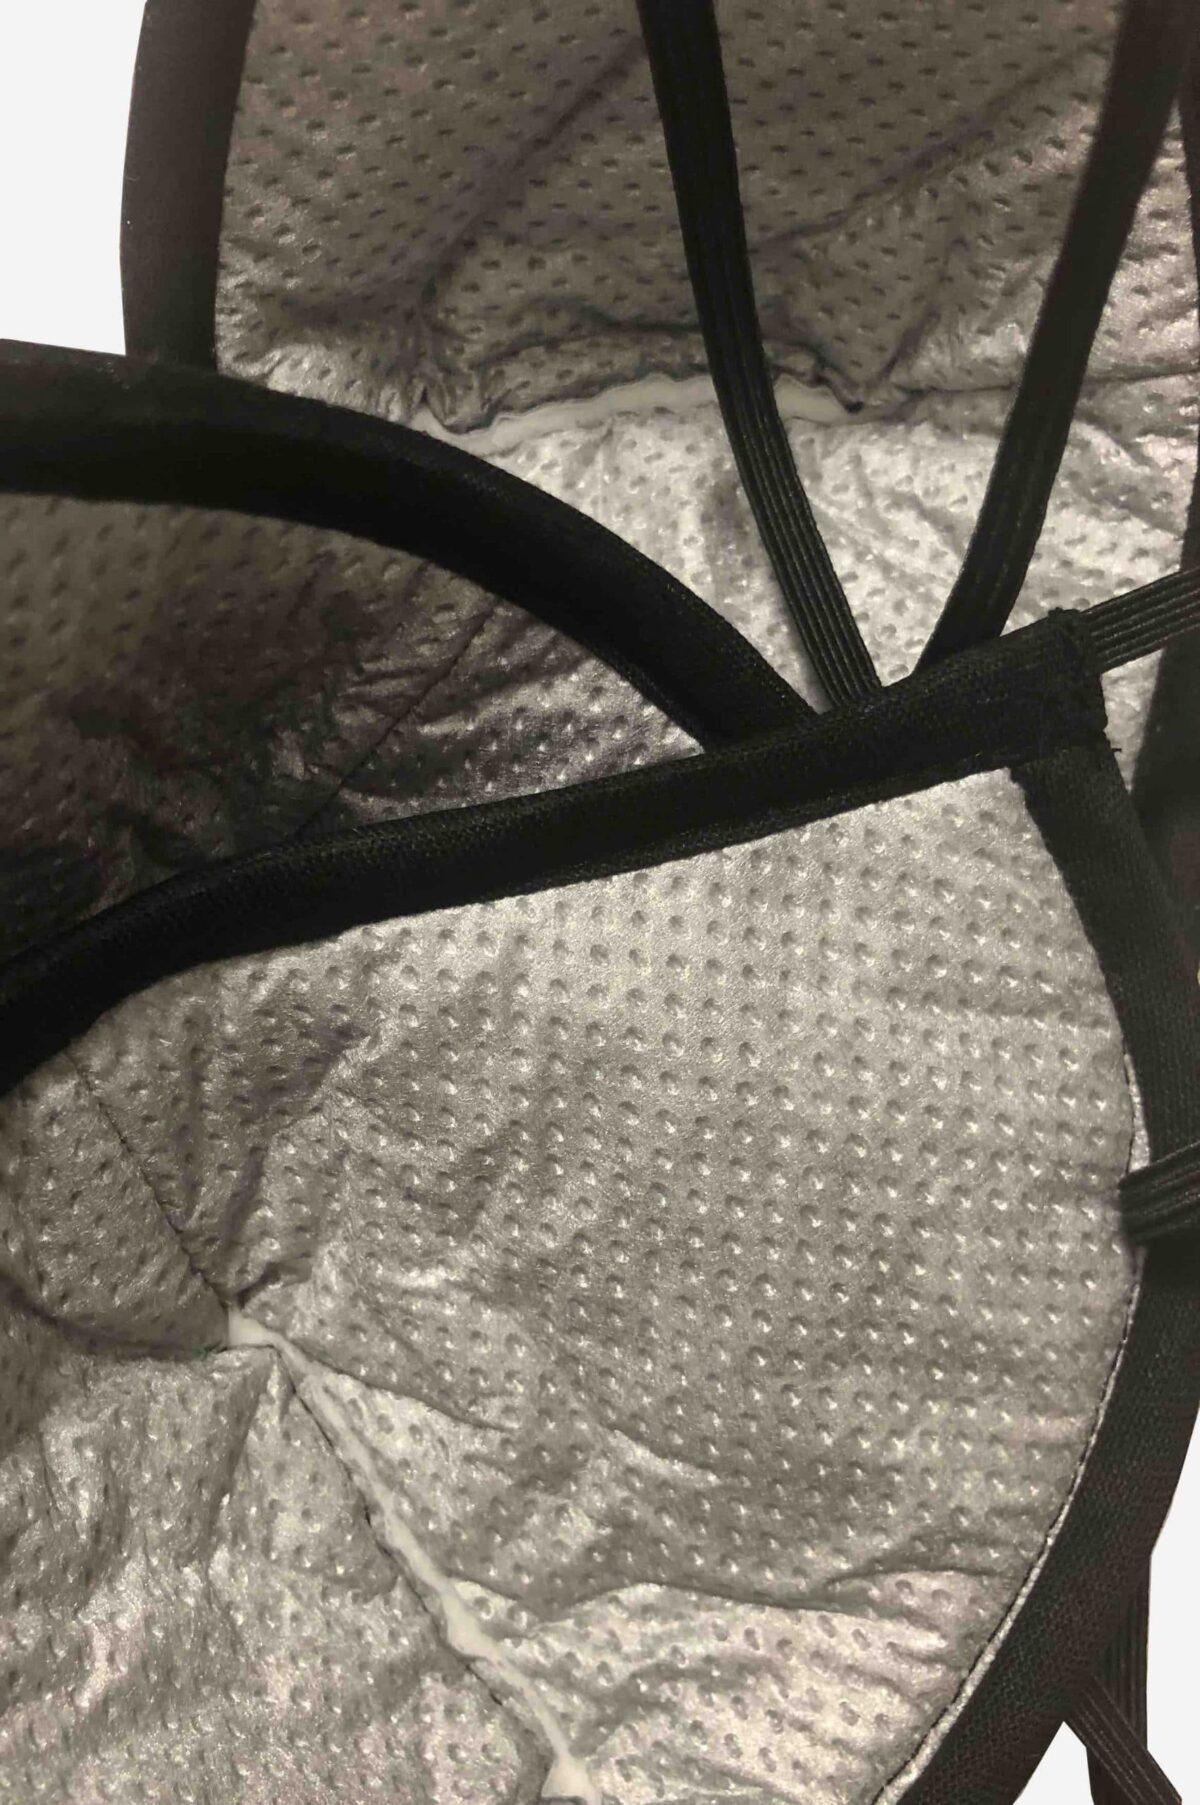 Premium Mund-Nase-Masken Gescihtsmasken mit antibakterieller, zertifizierter Membran